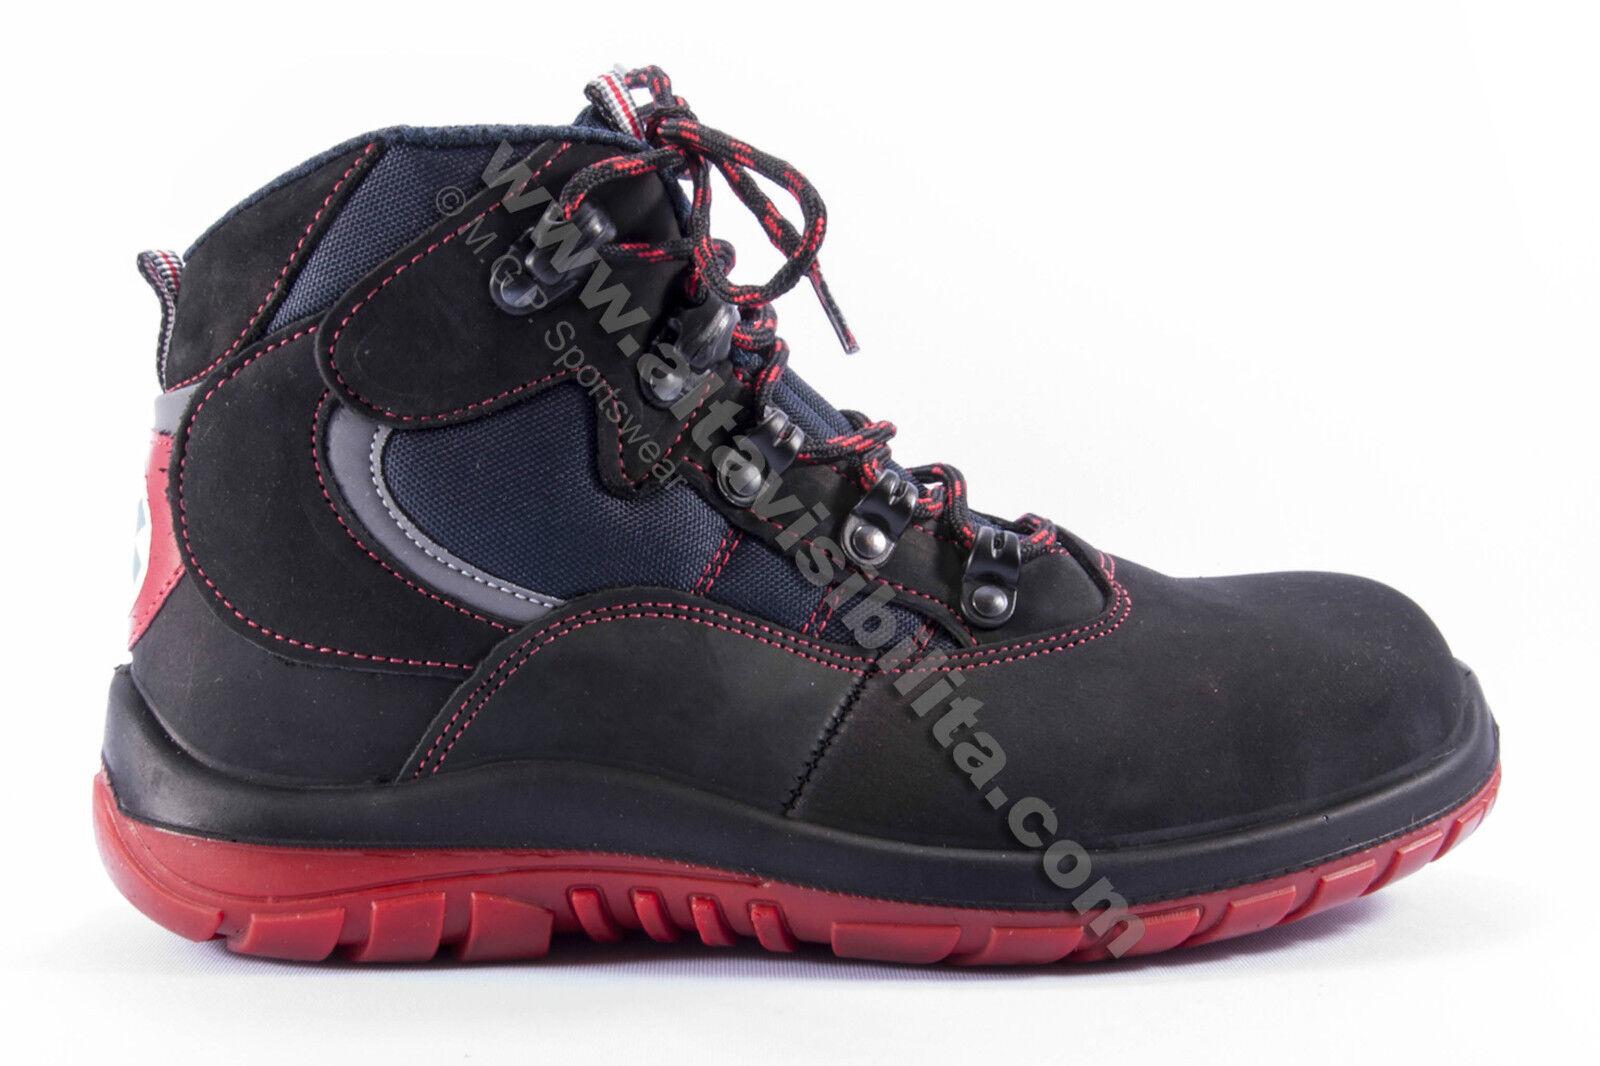 Zapatos SCARPONCINO SCARPONCINO SCARPONCINO NEW SOCCORSO SANITARIO 118 ANPAS S3  SOCCORRITORI E VOLONTARI 1a9393